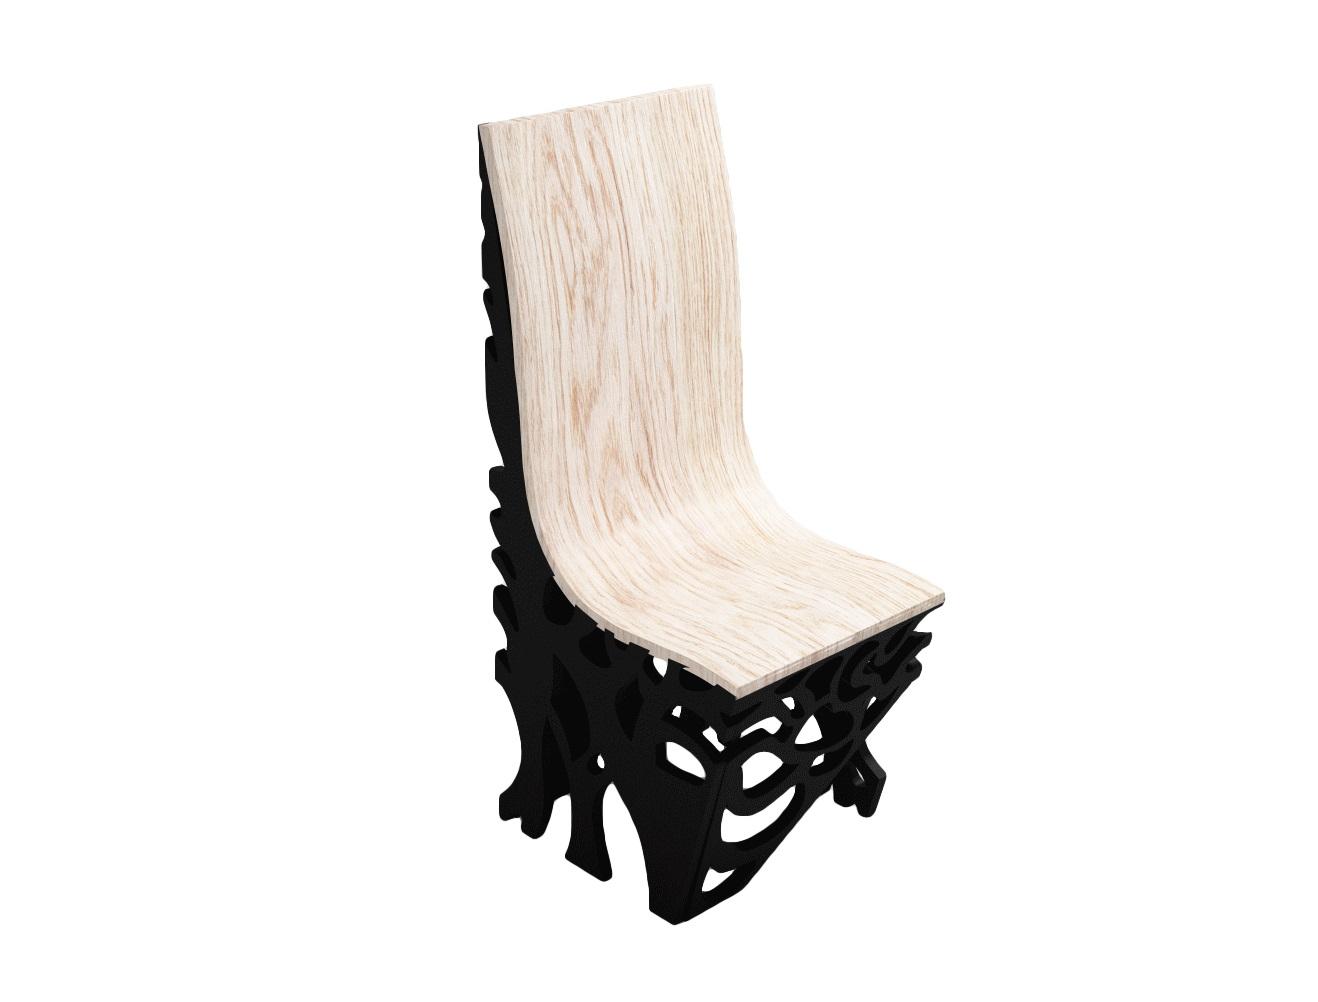 Стул ПлющБарные стулья<br>Потрясающе красивый стул с резными вставками! Очень удобный и преобразит ваш интерьер до неузнаваемости!<br>Материал: МДФ, шпон&amp;amp;nbsp;&amp;lt;div&amp;gt;&amp;lt;br&amp;gt;&amp;lt;/div&amp;gt;<br><br>Material: МДФ<br>Width см: 43<br>Depth см: 56<br>Height см: 111